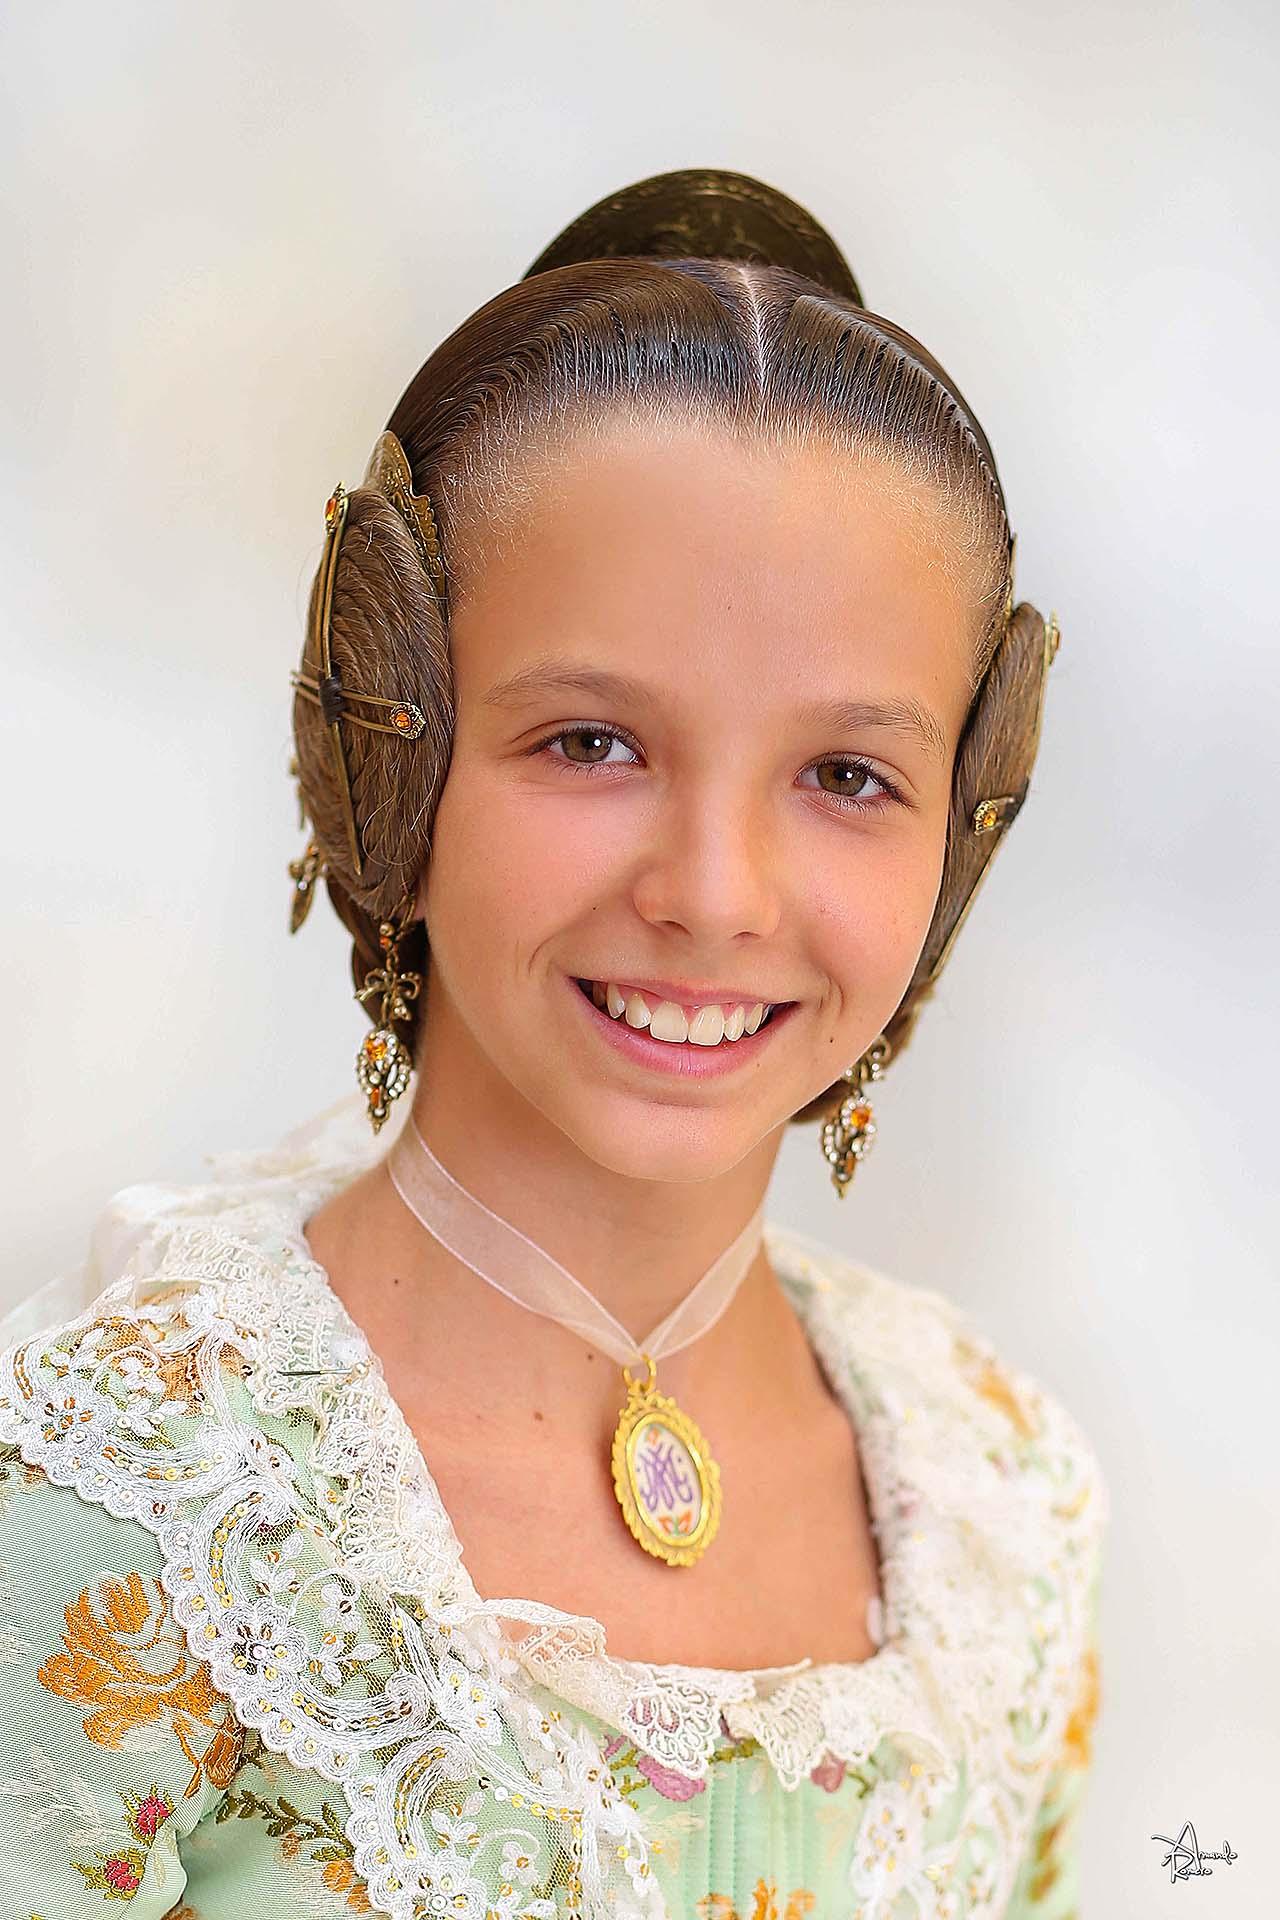 Laura Fontes Pérez